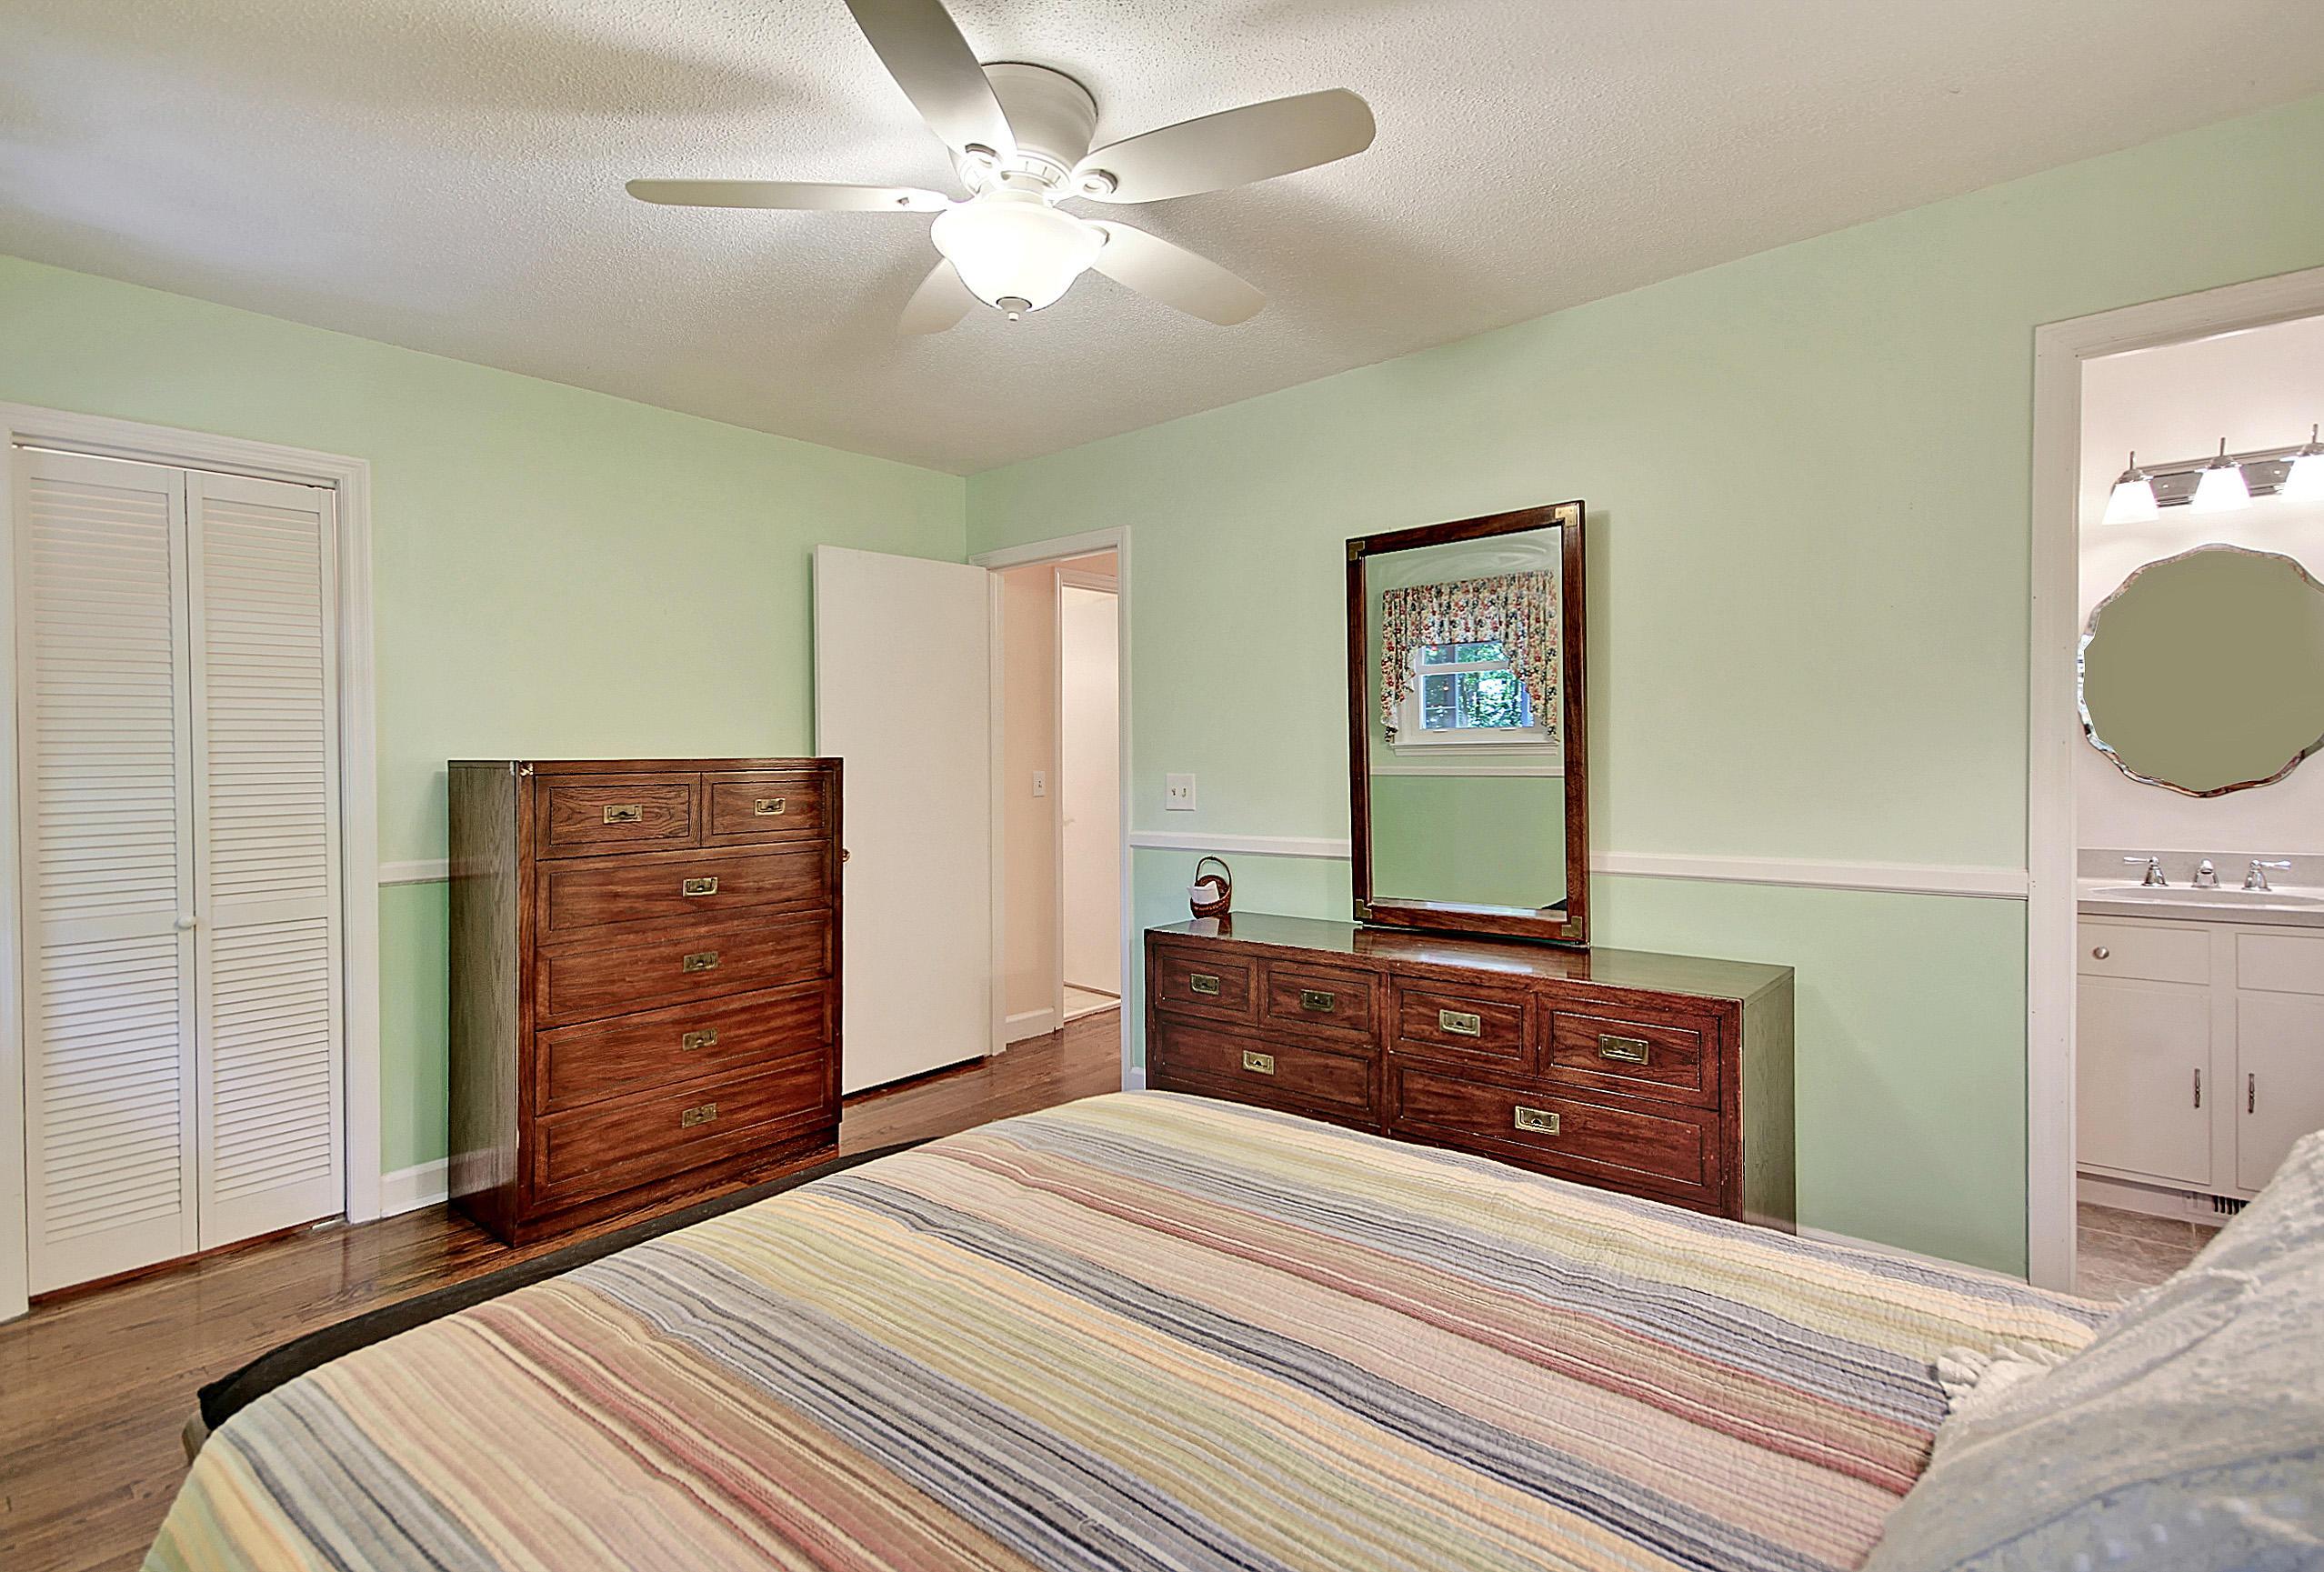 Parish Place Homes For Sale - 819 Abcaw, Mount Pleasant, SC - 12